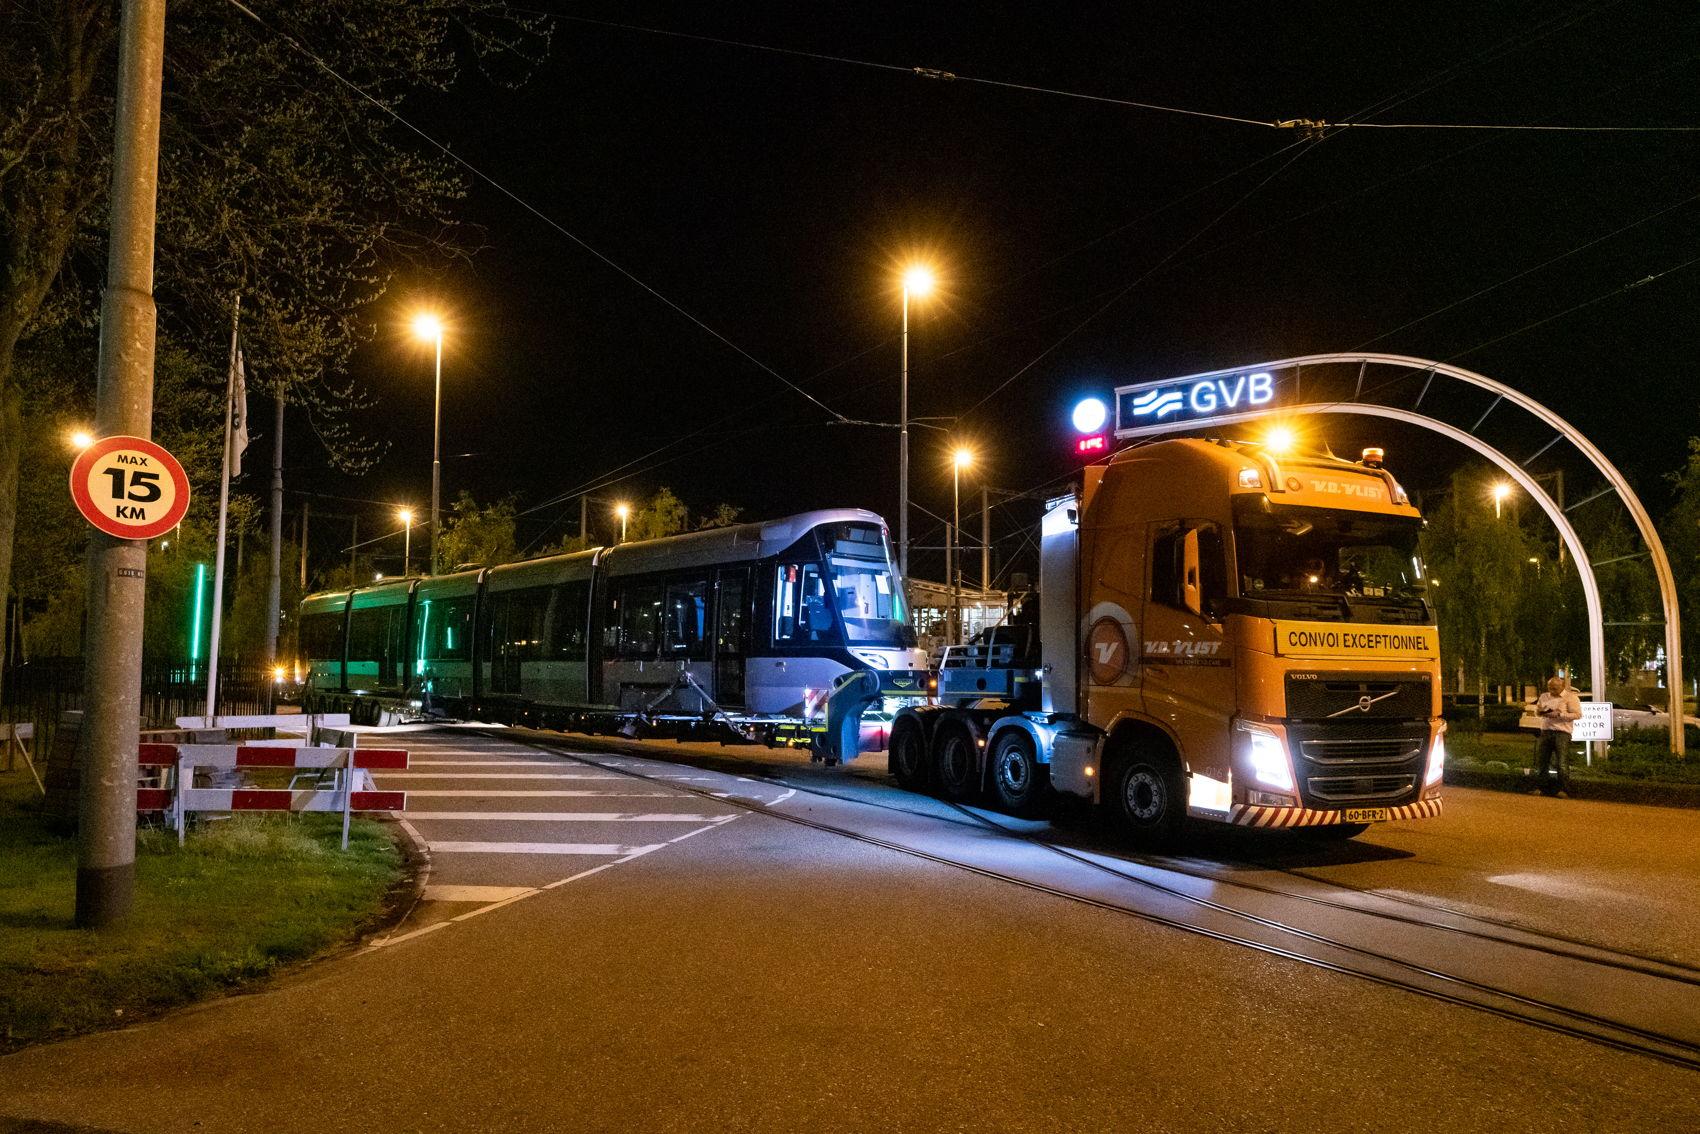 Aankomst van de eerste 15G tram in Nederland in april 2019.